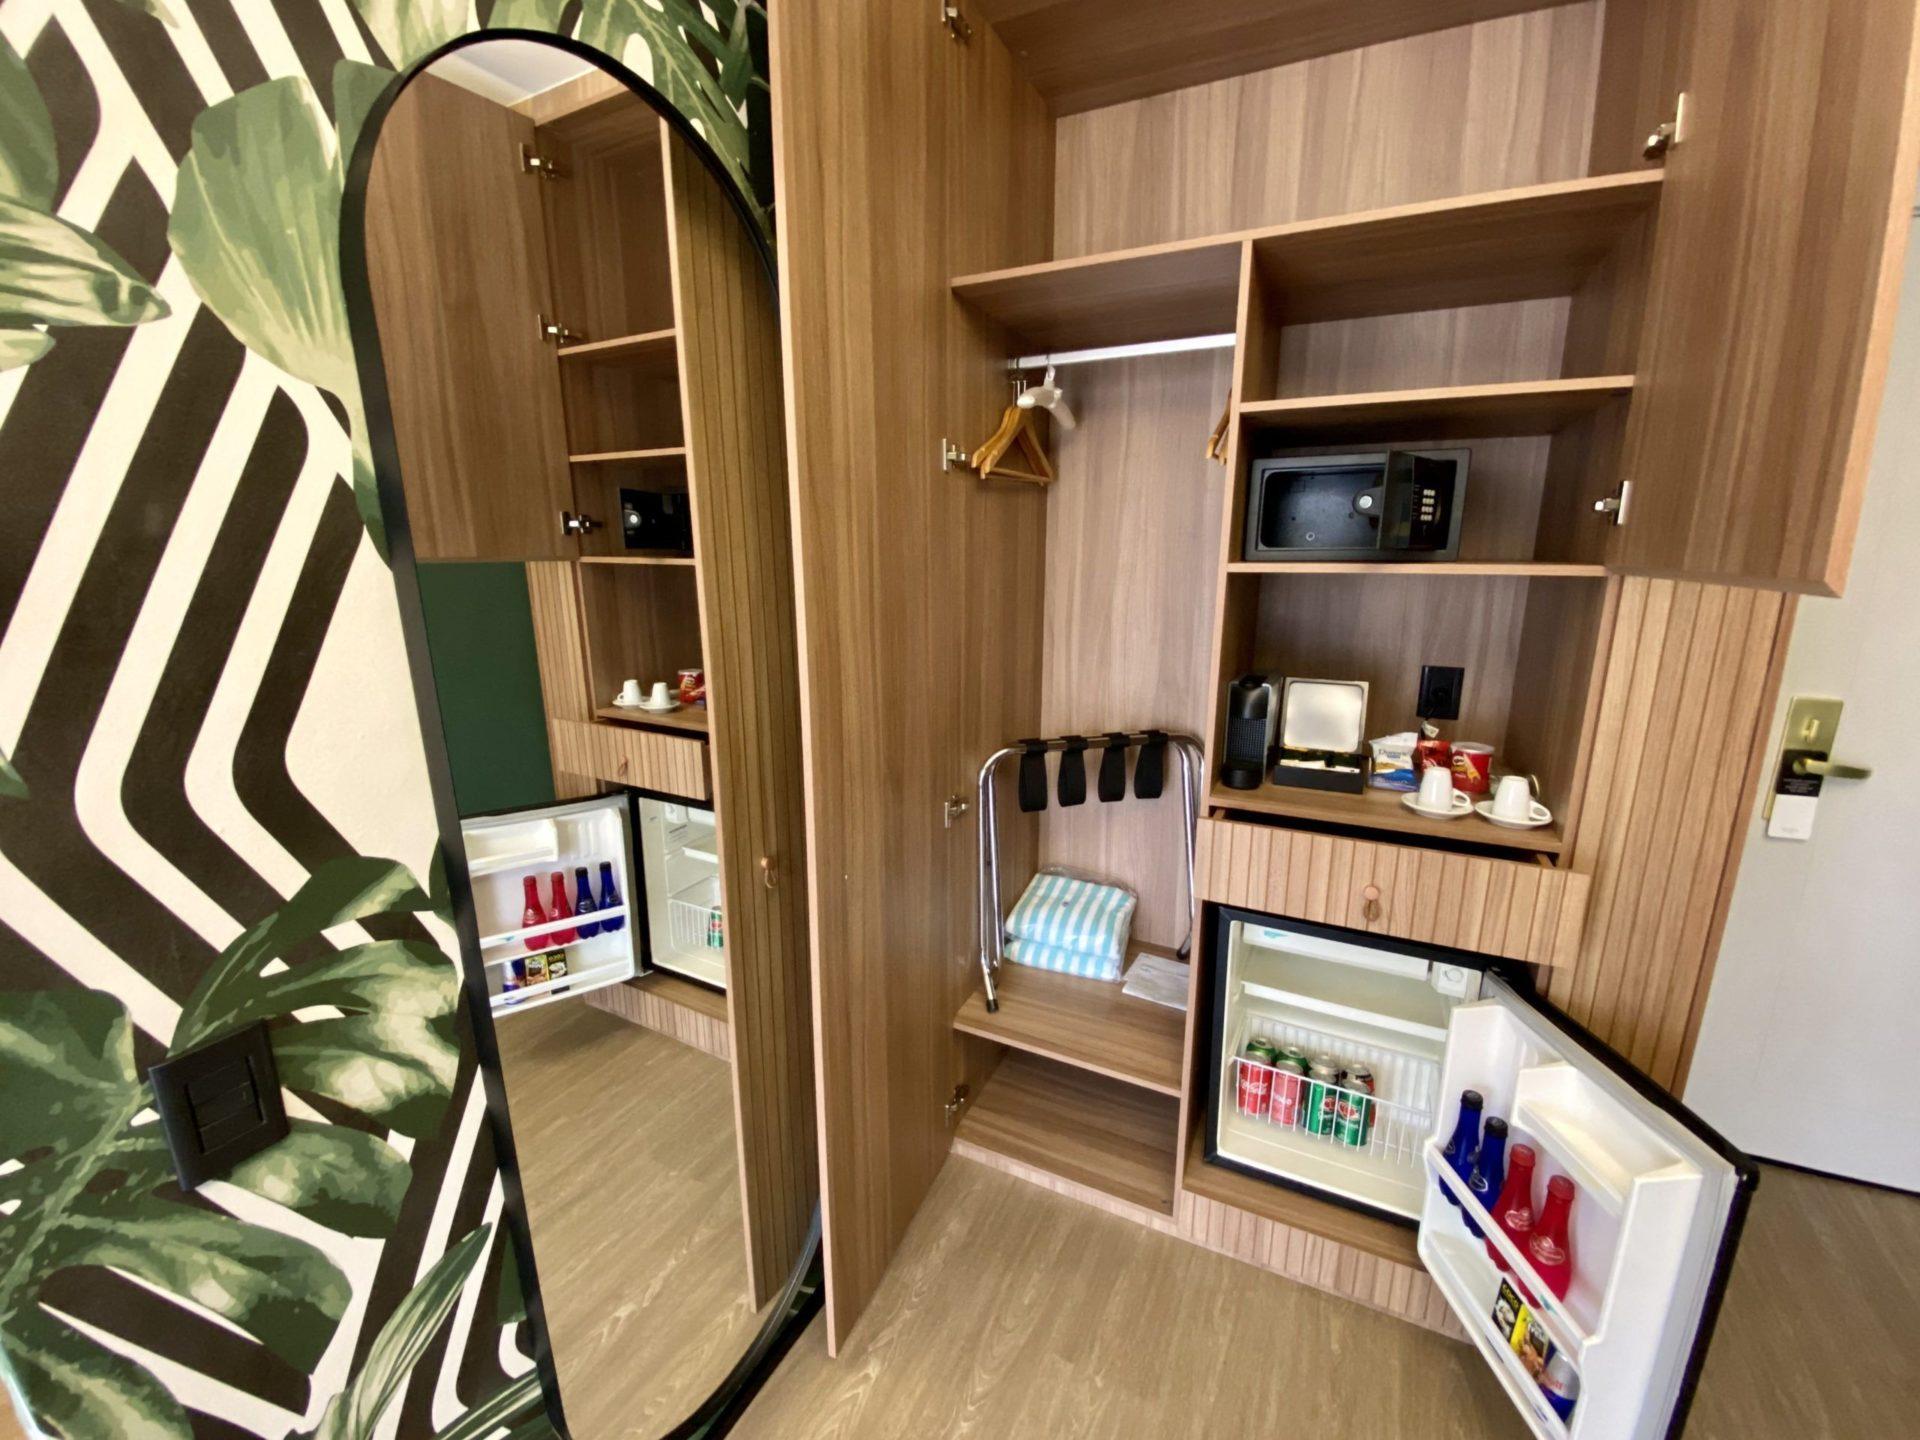 Grand Mercure sp Itaim Bibi frigobar e máquina de café